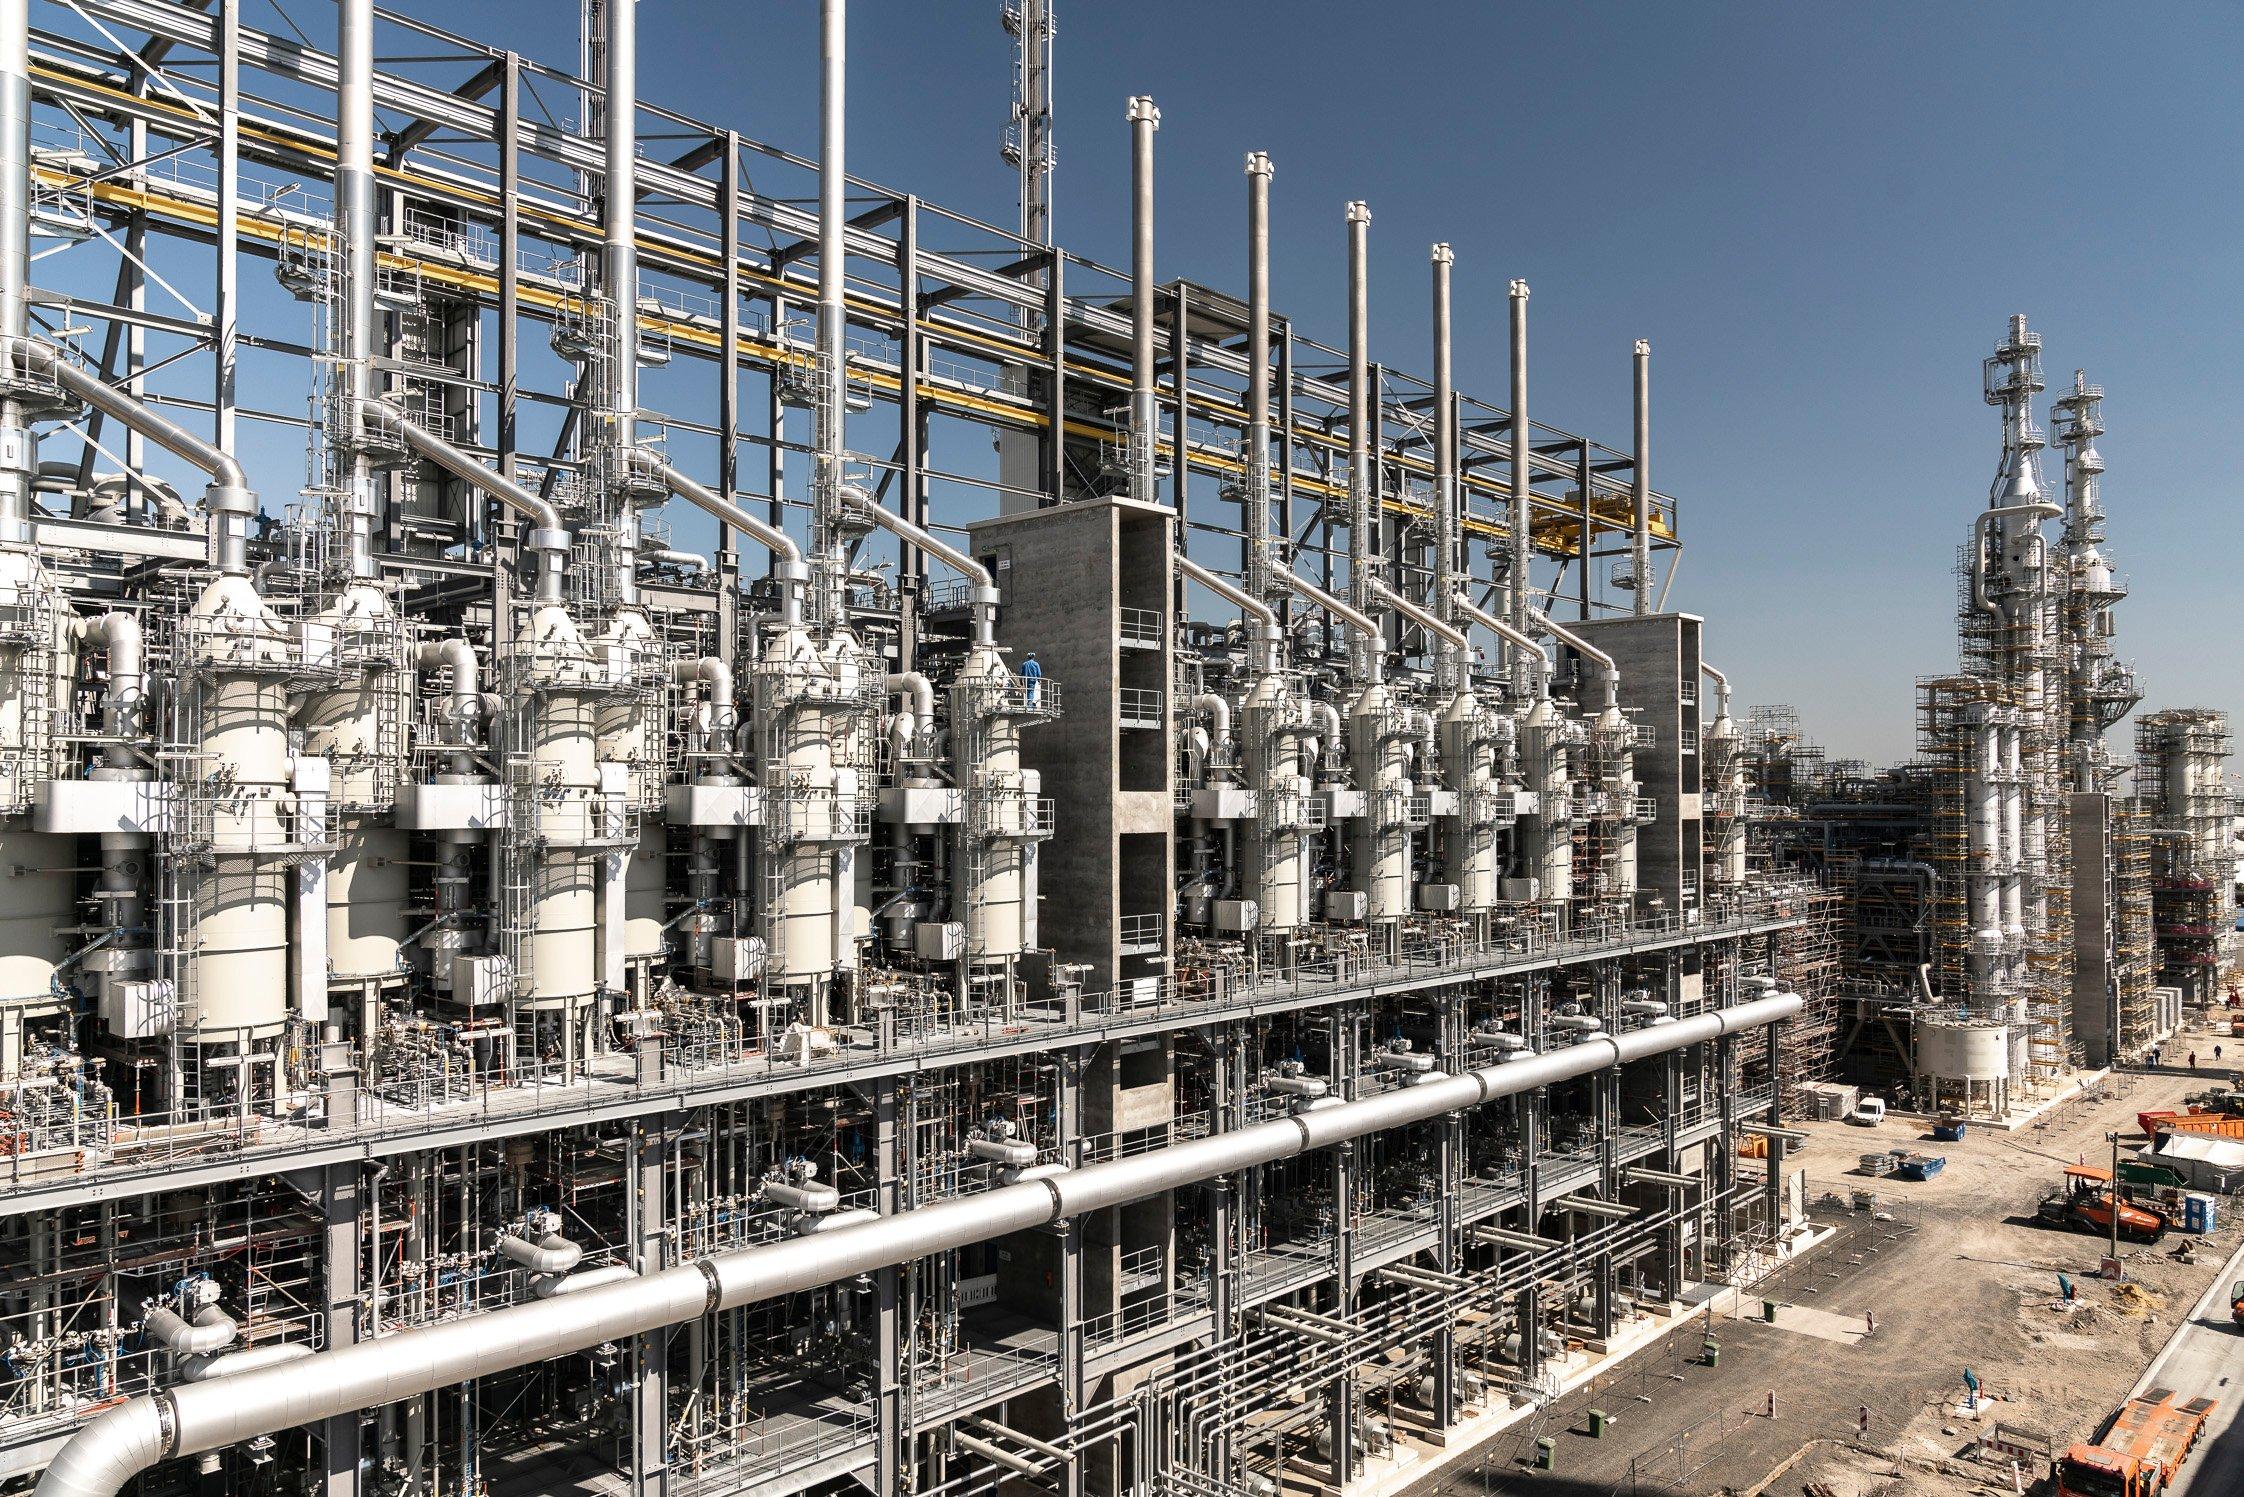 Acetylen-Anlage am BASF Standort Ludwigshafen